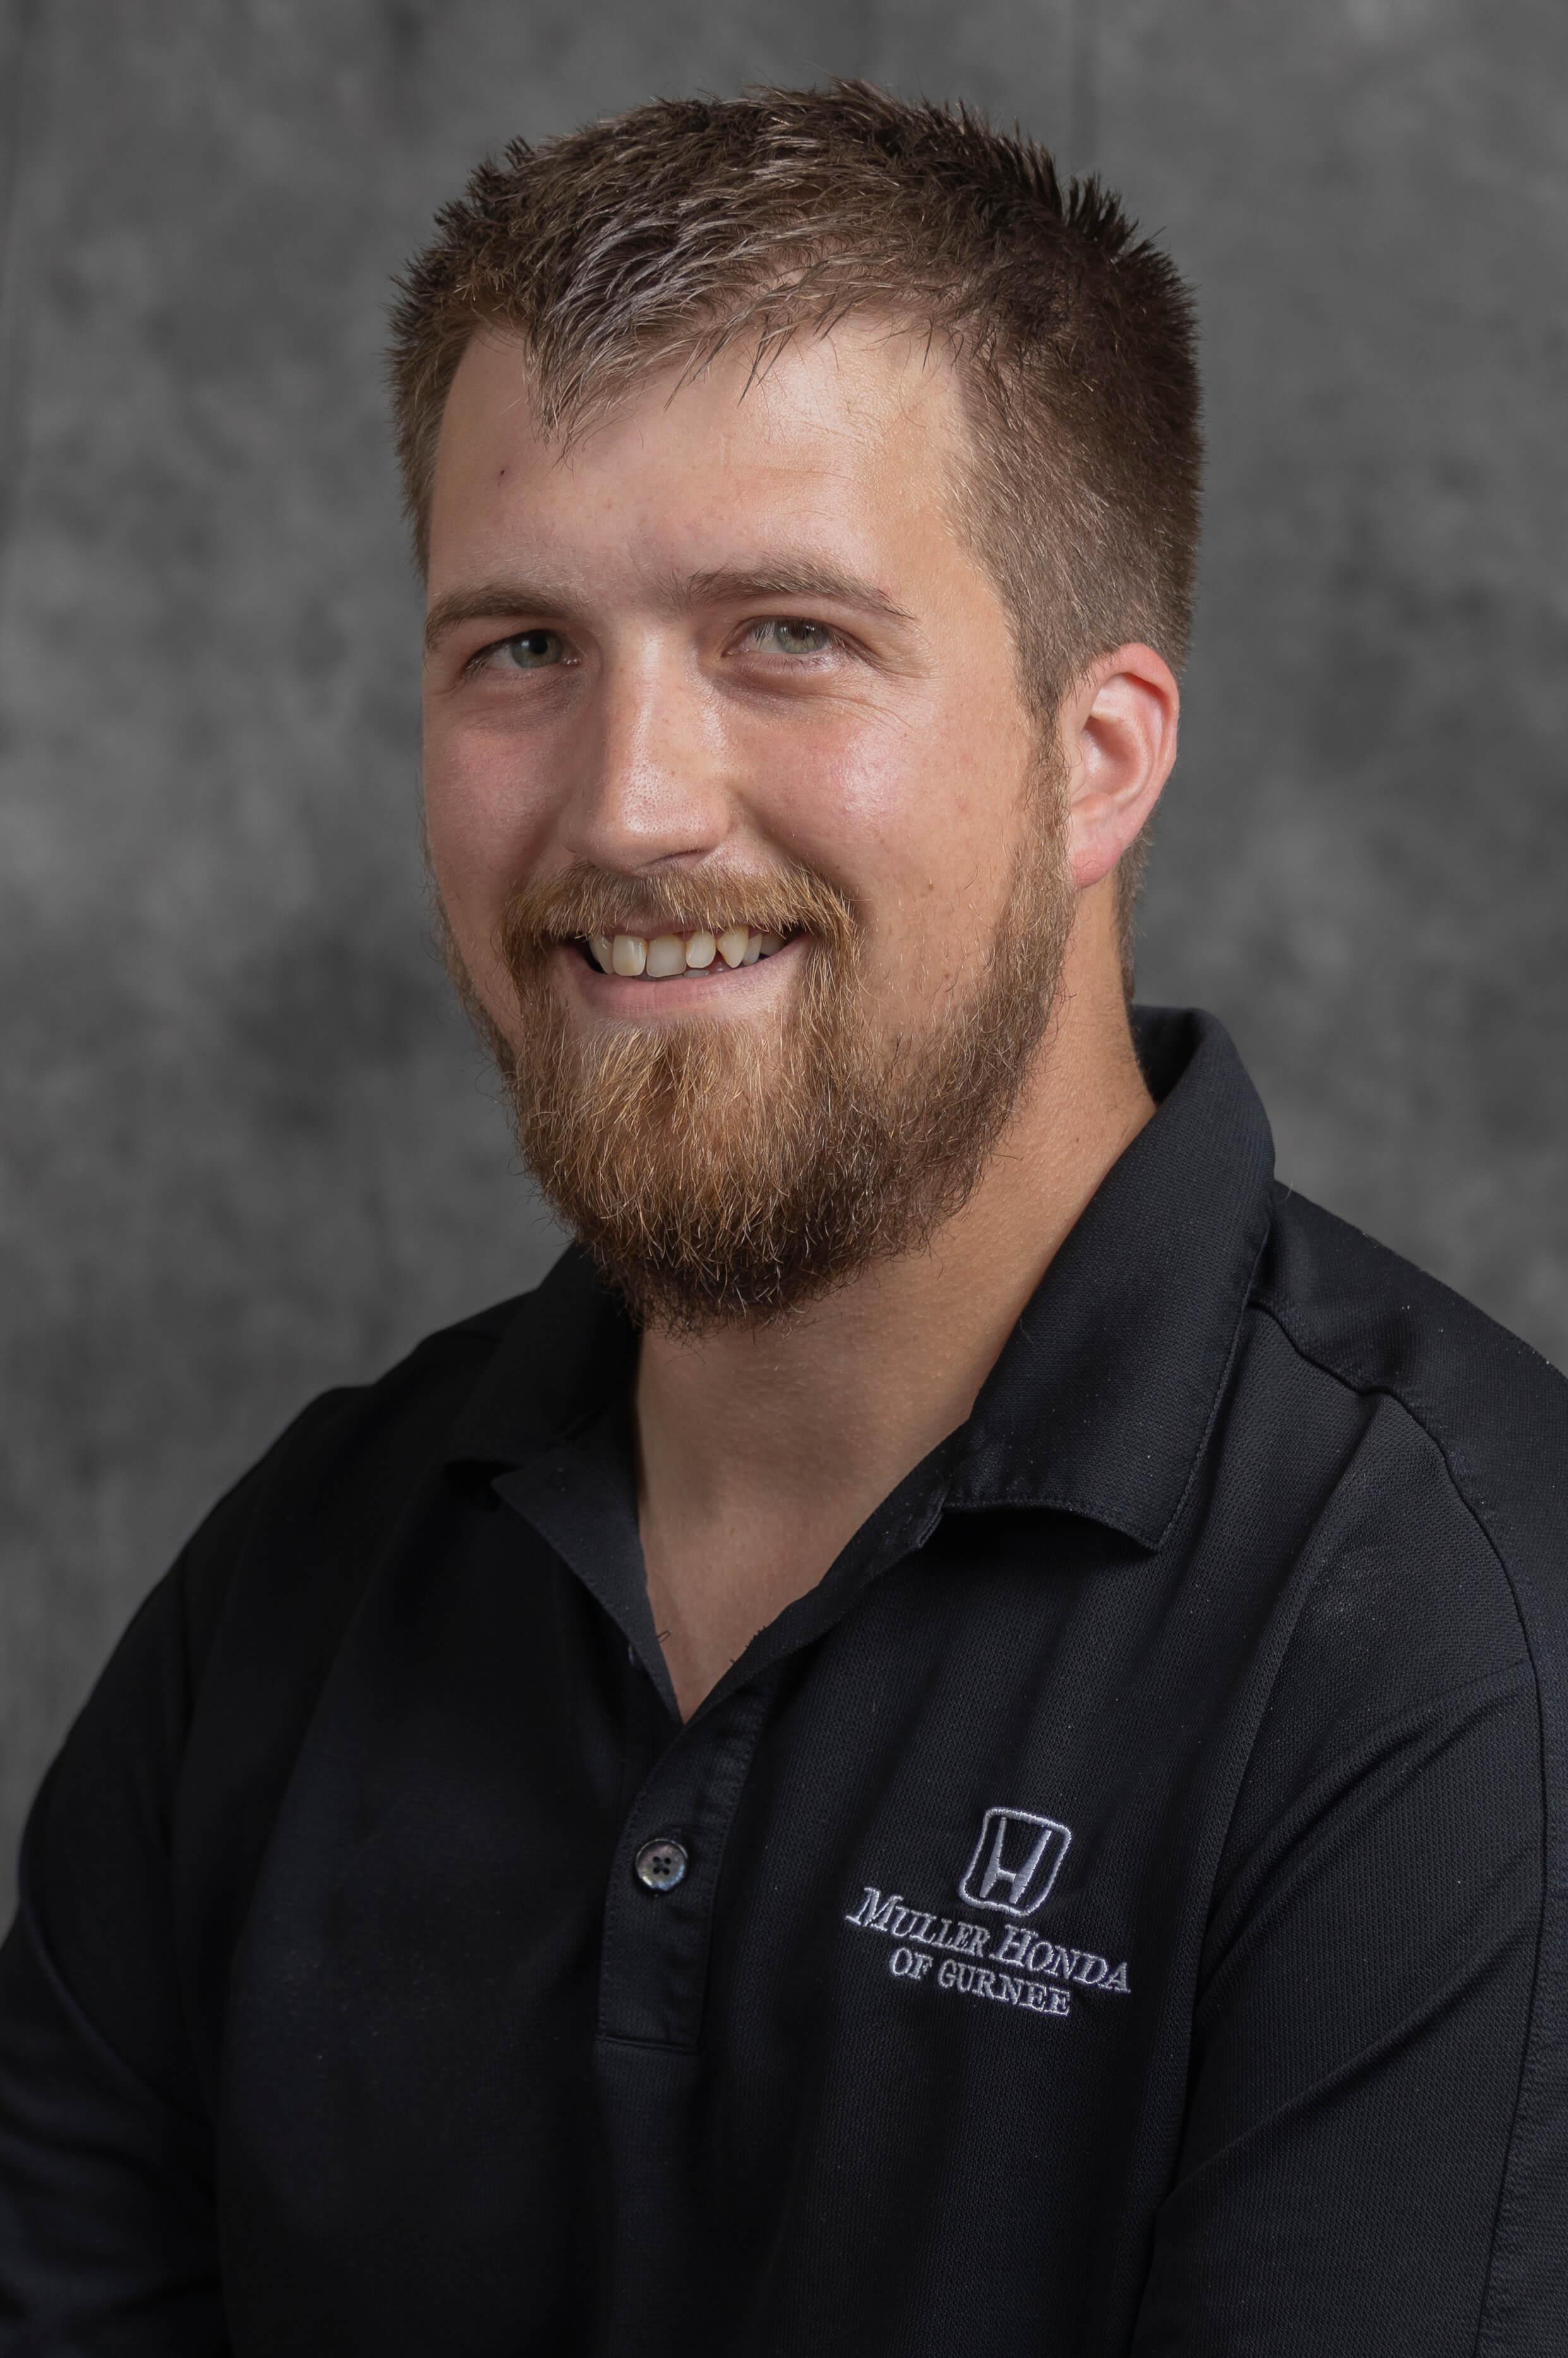 Alan Lauritzen Bio Image